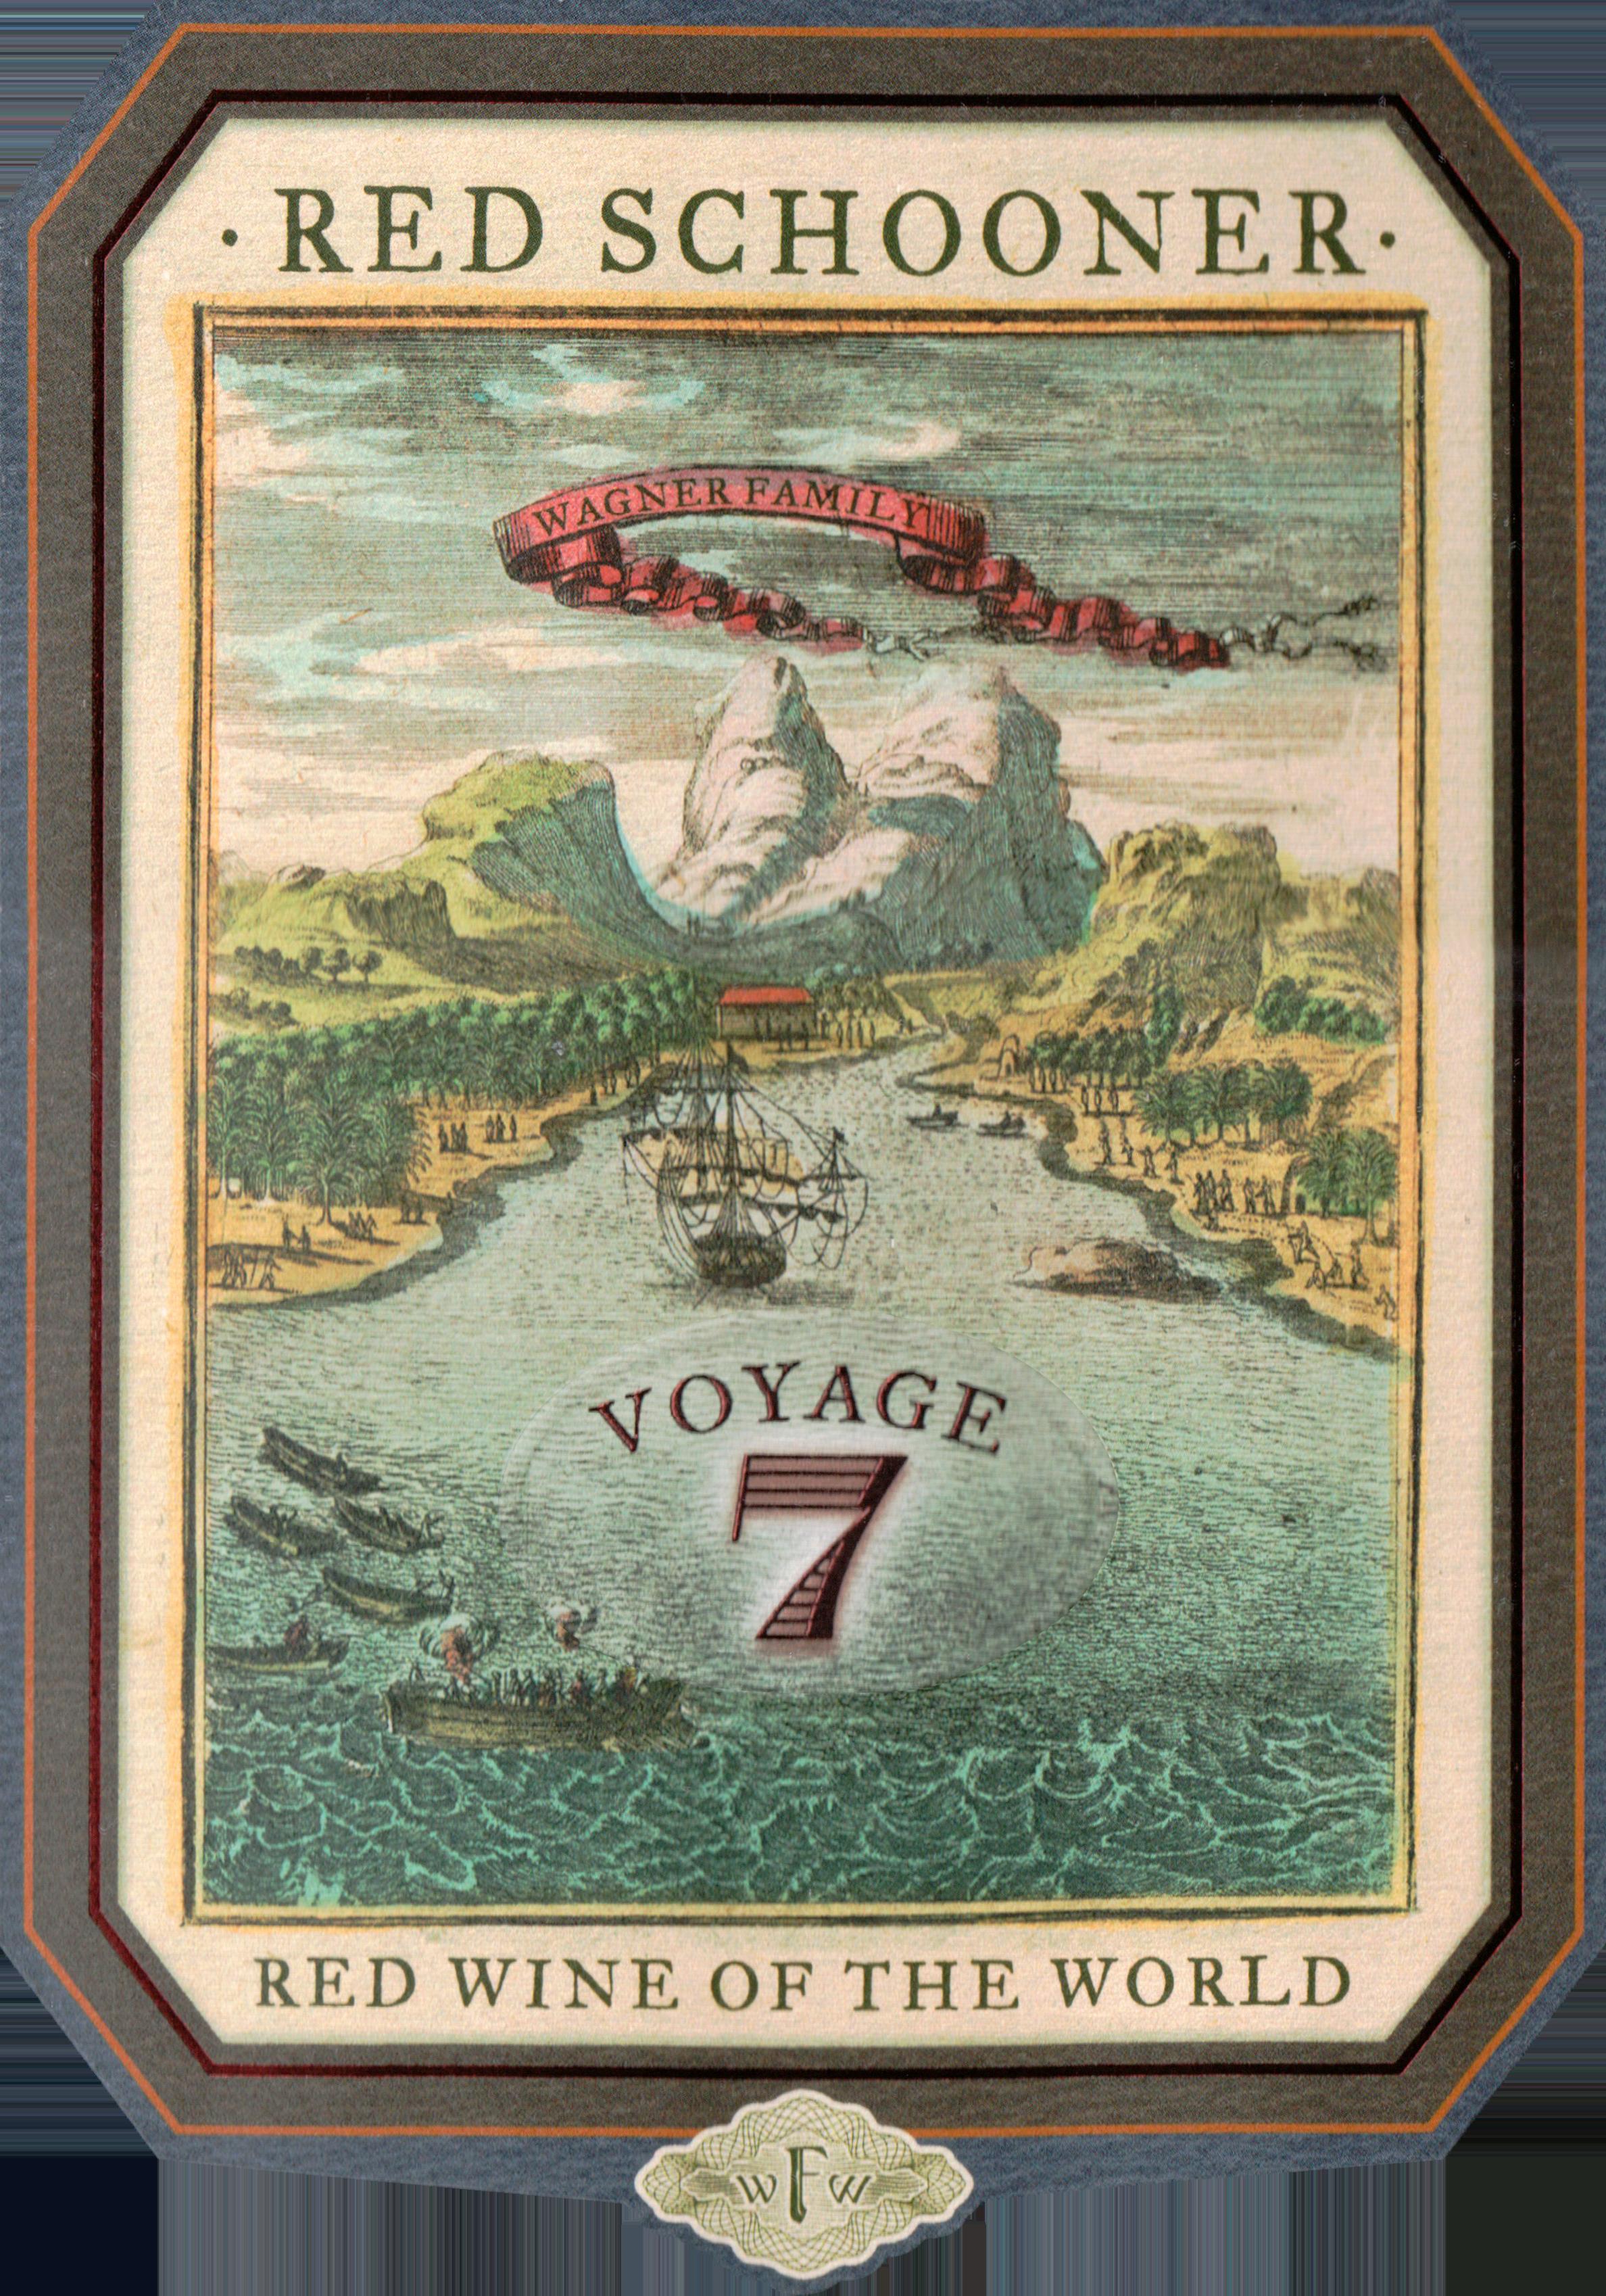 Caymus Red Schooner Voyage 7